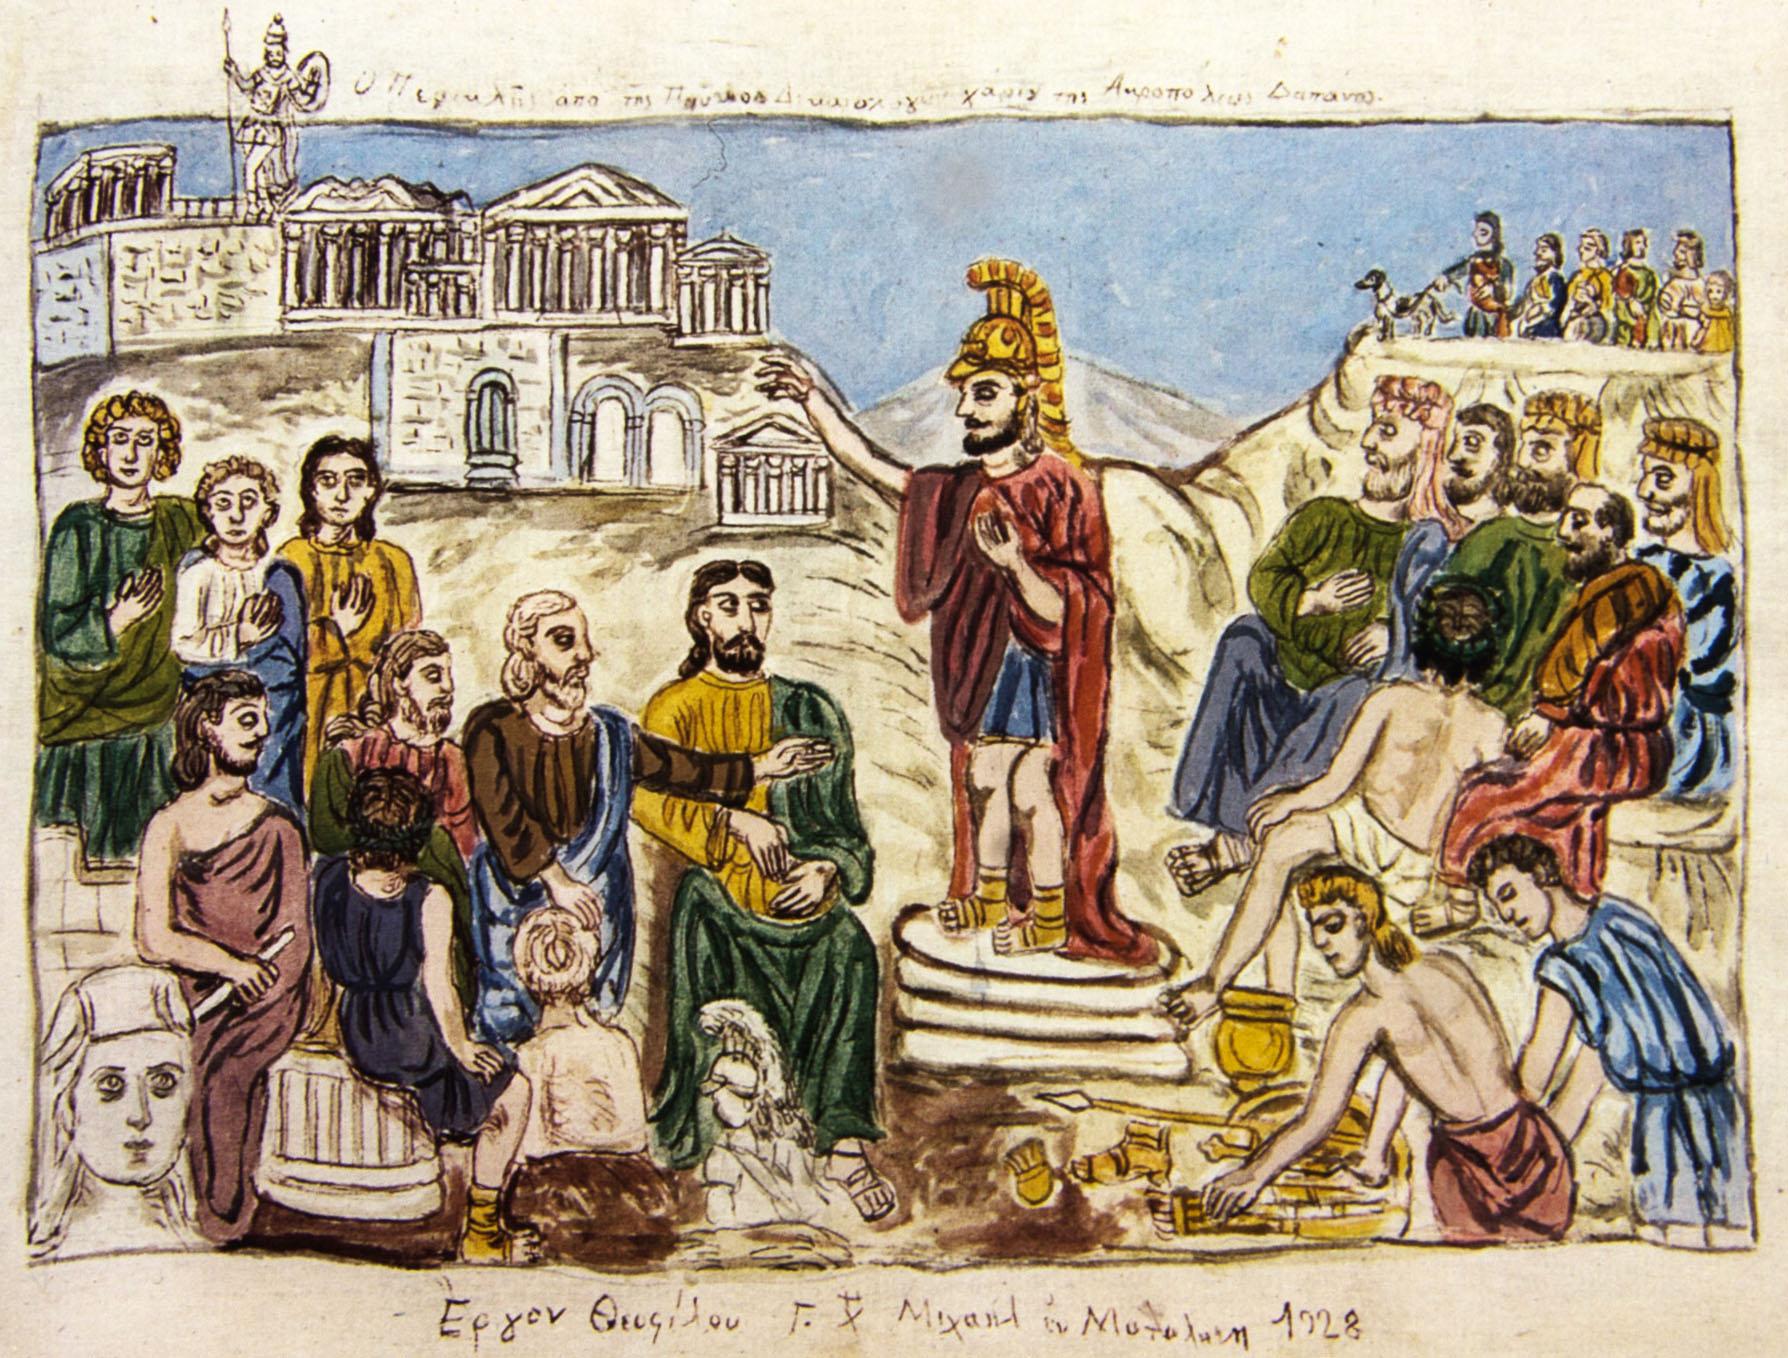 Théophilos, Périclès sur la Pnyx, justifiant les dépenses de l'Acropole. L'oeuvre est conservée au Musée Théophilos, à Mytilène / Θεόφιλος, Ο Περικλής από της Πνυκός Δικαιολογών χάριν της Ακροπόλεως δαπάνας, Το έργο φυλάσσεται στο Μουσείο Θεόφιλου στη Μυτιλήνη